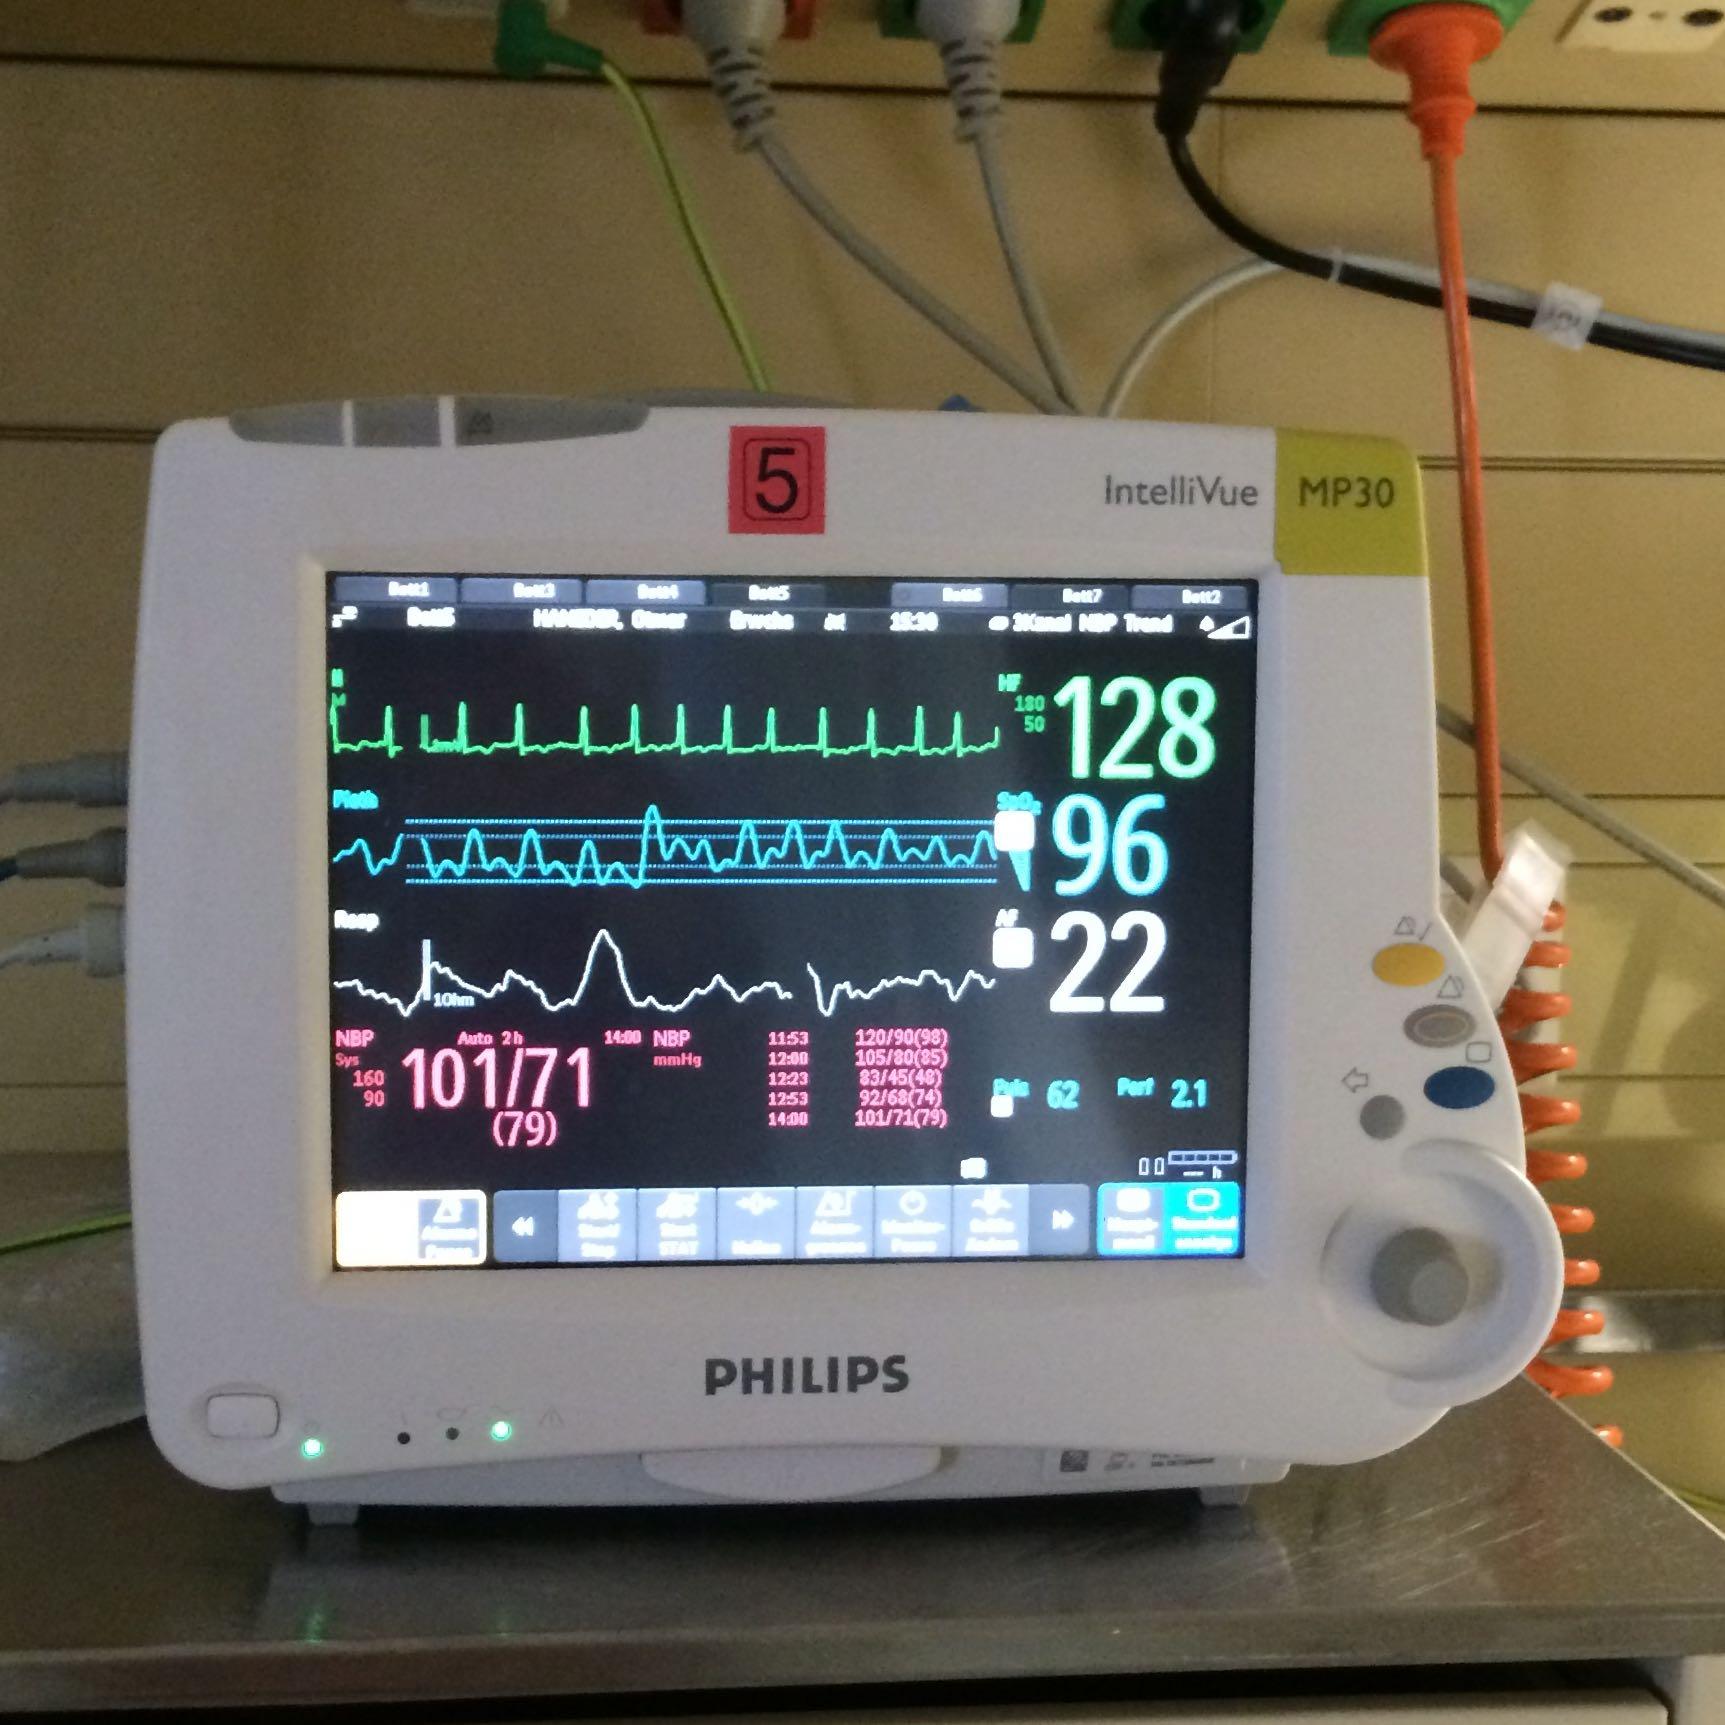 was bedeutet das auf dem monitor krank krankenhaus herz. Black Bedroom Furniture Sets. Home Design Ideas